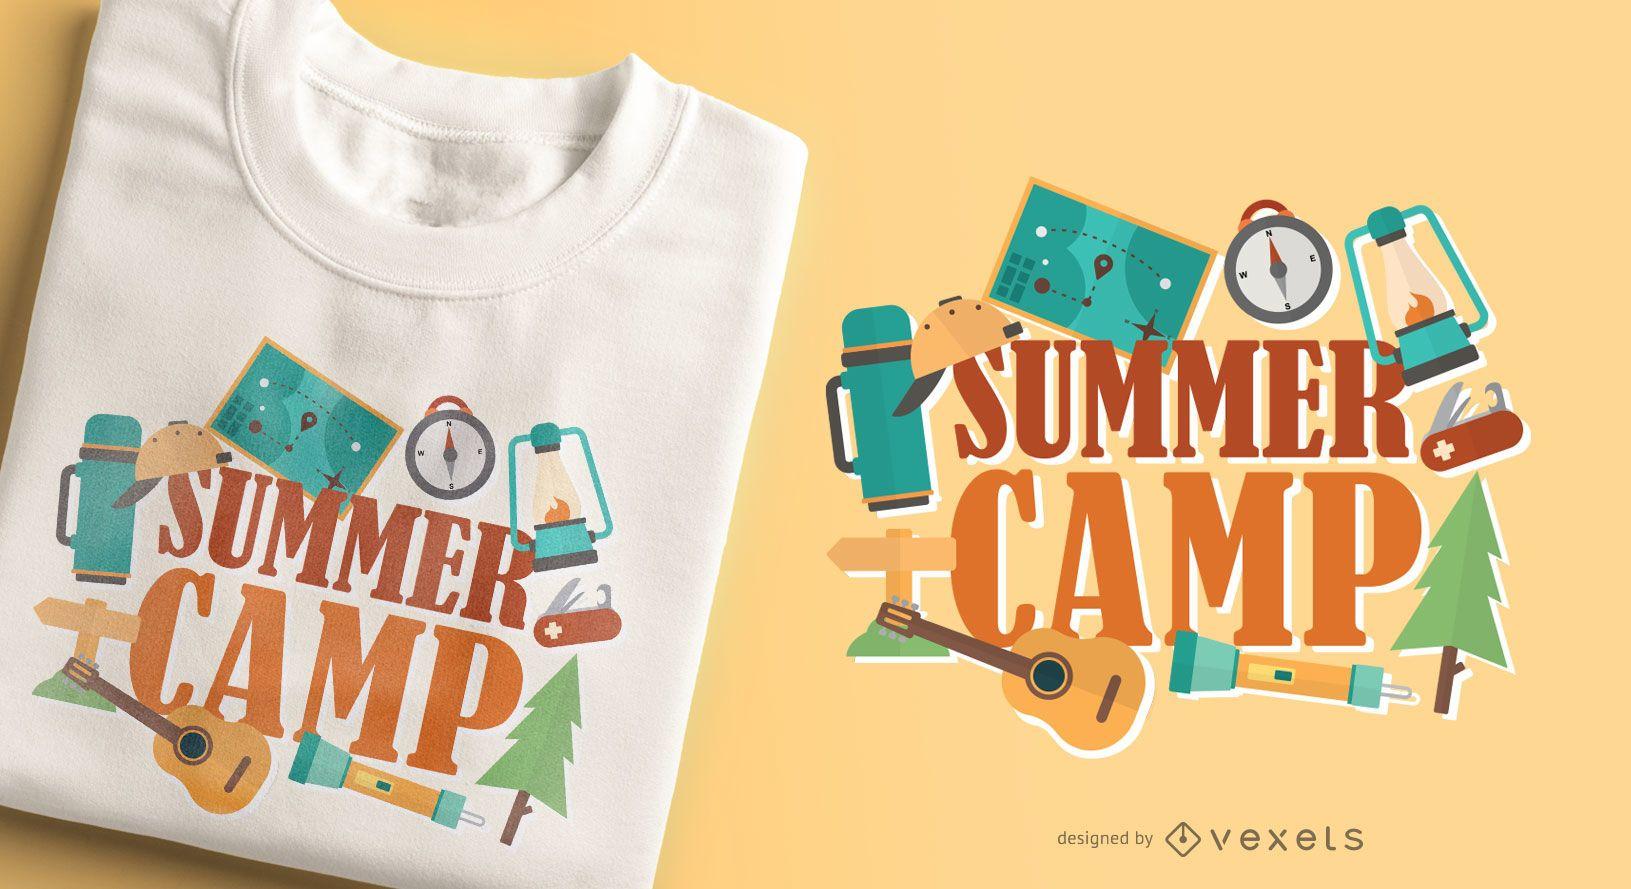 Summer camp t-shirt design